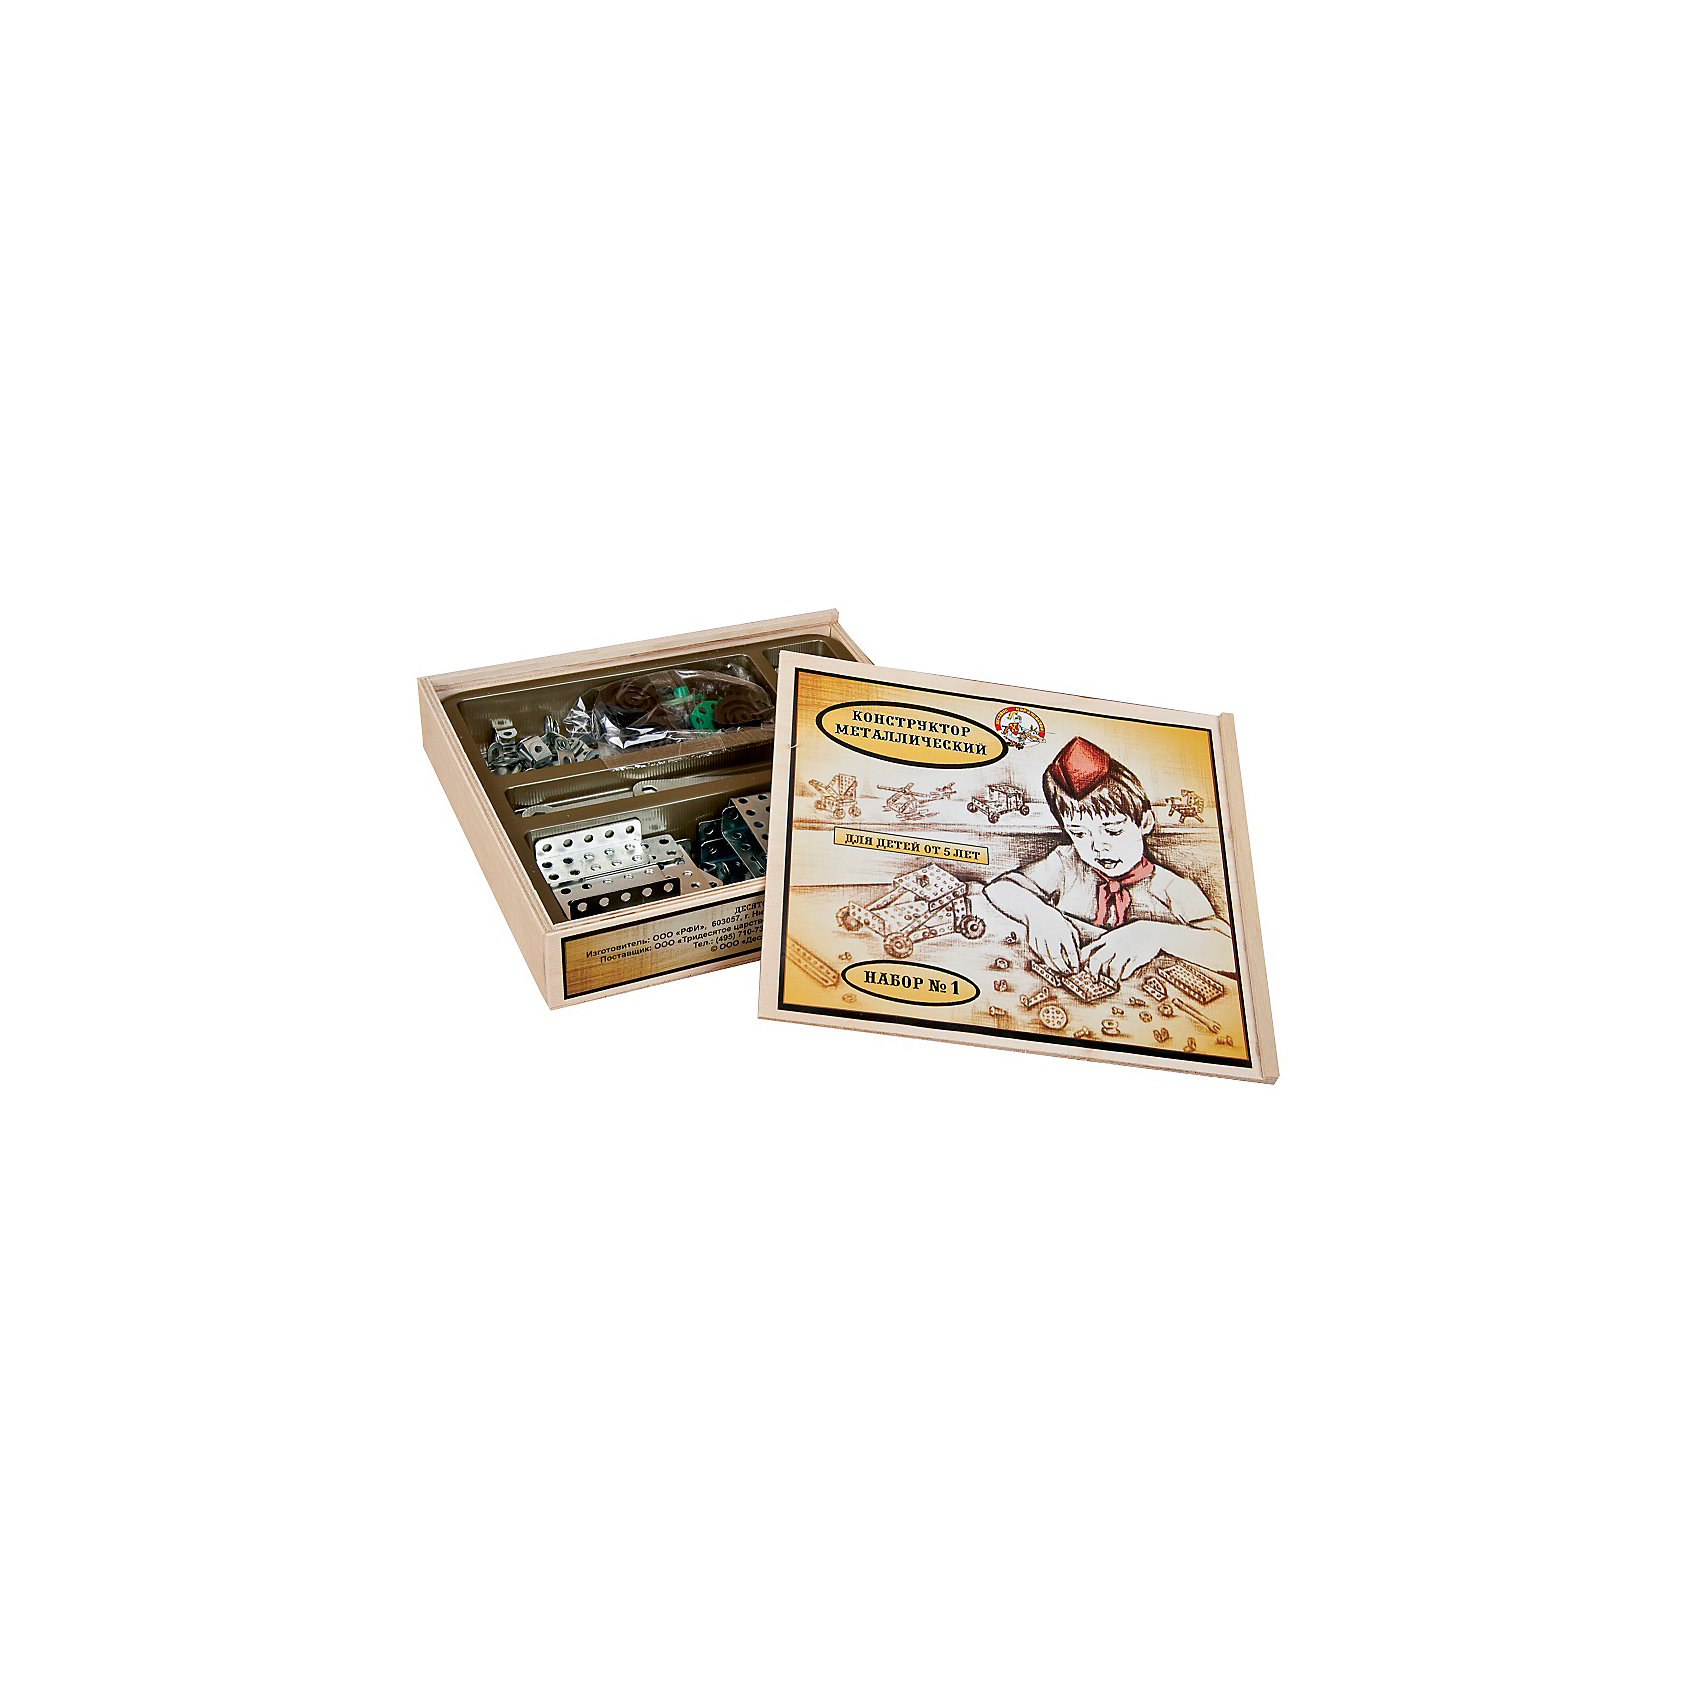 Металлический конструктор для уроков труда №2, Десятое королевствоМеталлические конструкторы<br>Характеристики:<br><br>• возраст: от 5 лет<br>• в наборе: детали конструктора, отвертка, гаечный ключ, инструкция<br>• количество элементов: 300 шт.<br>• материал: металл, пластик<br>• упаковка: деревянная коробка<br>• детали конструктора разложены по отдельным ячейкам<br>• размер упаковки: 21,5х23,5х5 см.<br>• вес: 1 кг.<br><br>Конструктор от российского производителя «Десятое Королевство» отлично подойдет ученикам начальной и средней школы для занятий на уроках труда. Конструктор состоит из 300 элементов. Каждый элемент имеет специальные отверстия, благодаря которым их можно соединять винтами и болтами из комплекта. <br><br>Для удобства сборки в наборе предусмотрены отвертка и гаечный ключ. С помощью элементов конструктора ребенок сможет собрать машинку, самолет, велосипед, вертолет и коляску или, проявив фантазию, создать свою собственную модель. Инструкция подскажет малышу, как последовательно выполнять алгоритм сборки.<br><br>Элементы конструктора изготовлены из высококачественного металла, который прослужит долгое время, и не будет деформироваться при ударах или падениях. Кроме металлических элементов в набор входят пластиковые элементы (колеса и план-шайбы).<br><br>Занятия с конструктором развивают внимательность, наглядно-образное и логическое мышление, мелкую моторику, умение следовать инструкции, усидчивость и творческие способности. Конструктор упакован в практичную деревянную коробку с удобной крышкой-слайдером.<br><br>Металлический конструктор для уроков труда №2, Десятое королевство можно купить в нашем интернет-магазине.<br><br>Ширина мм: 230<br>Глубина мм: 210<br>Высота мм: 45<br>Вес г: 975<br>Возраст от месяцев: 60<br>Возраст до месяцев: 2147483647<br>Пол: Мужской<br>Возраст: Детский<br>SKU: 6723917